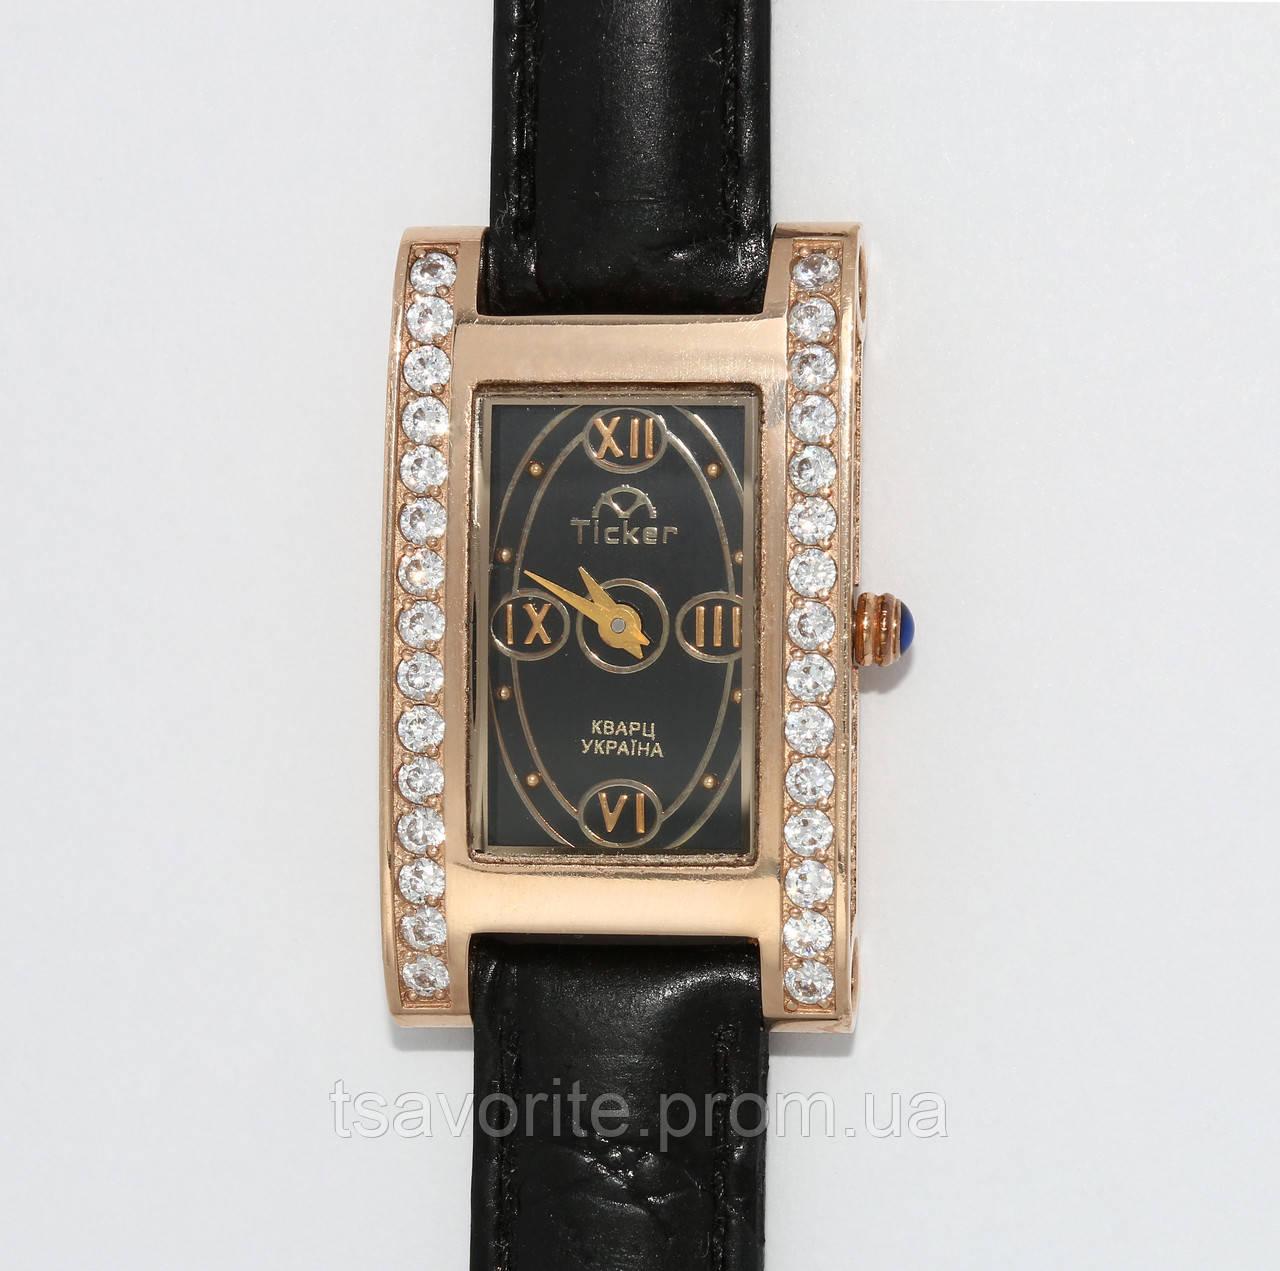 Женские золотые часы Харьковская ювелирная фабрика 39004